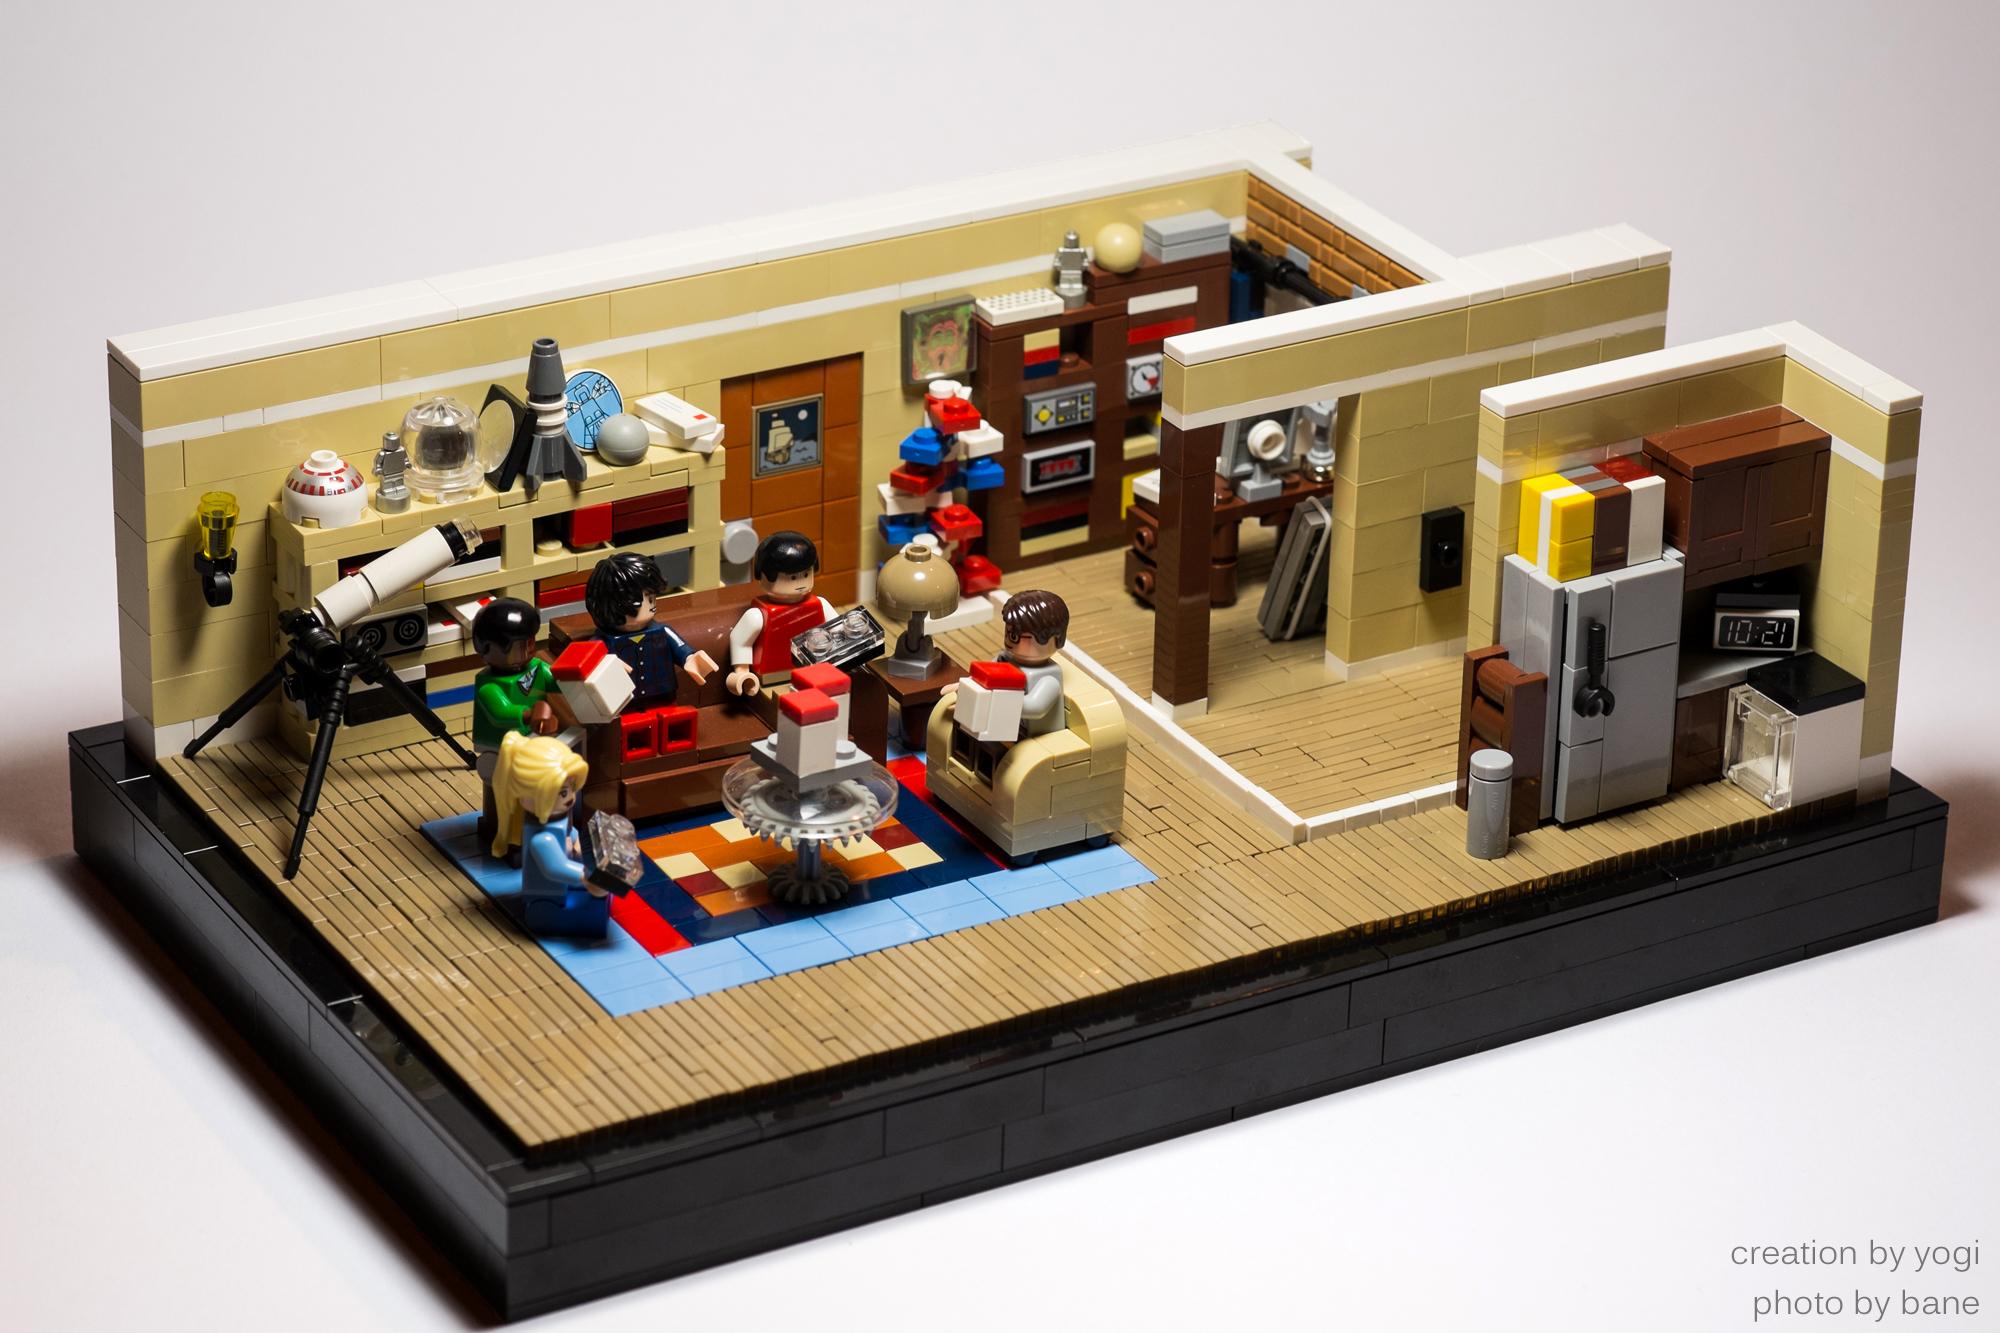 Hintergrundbilder : LEGO, Küche, Spielzeug, Set, Penny, Serie ...